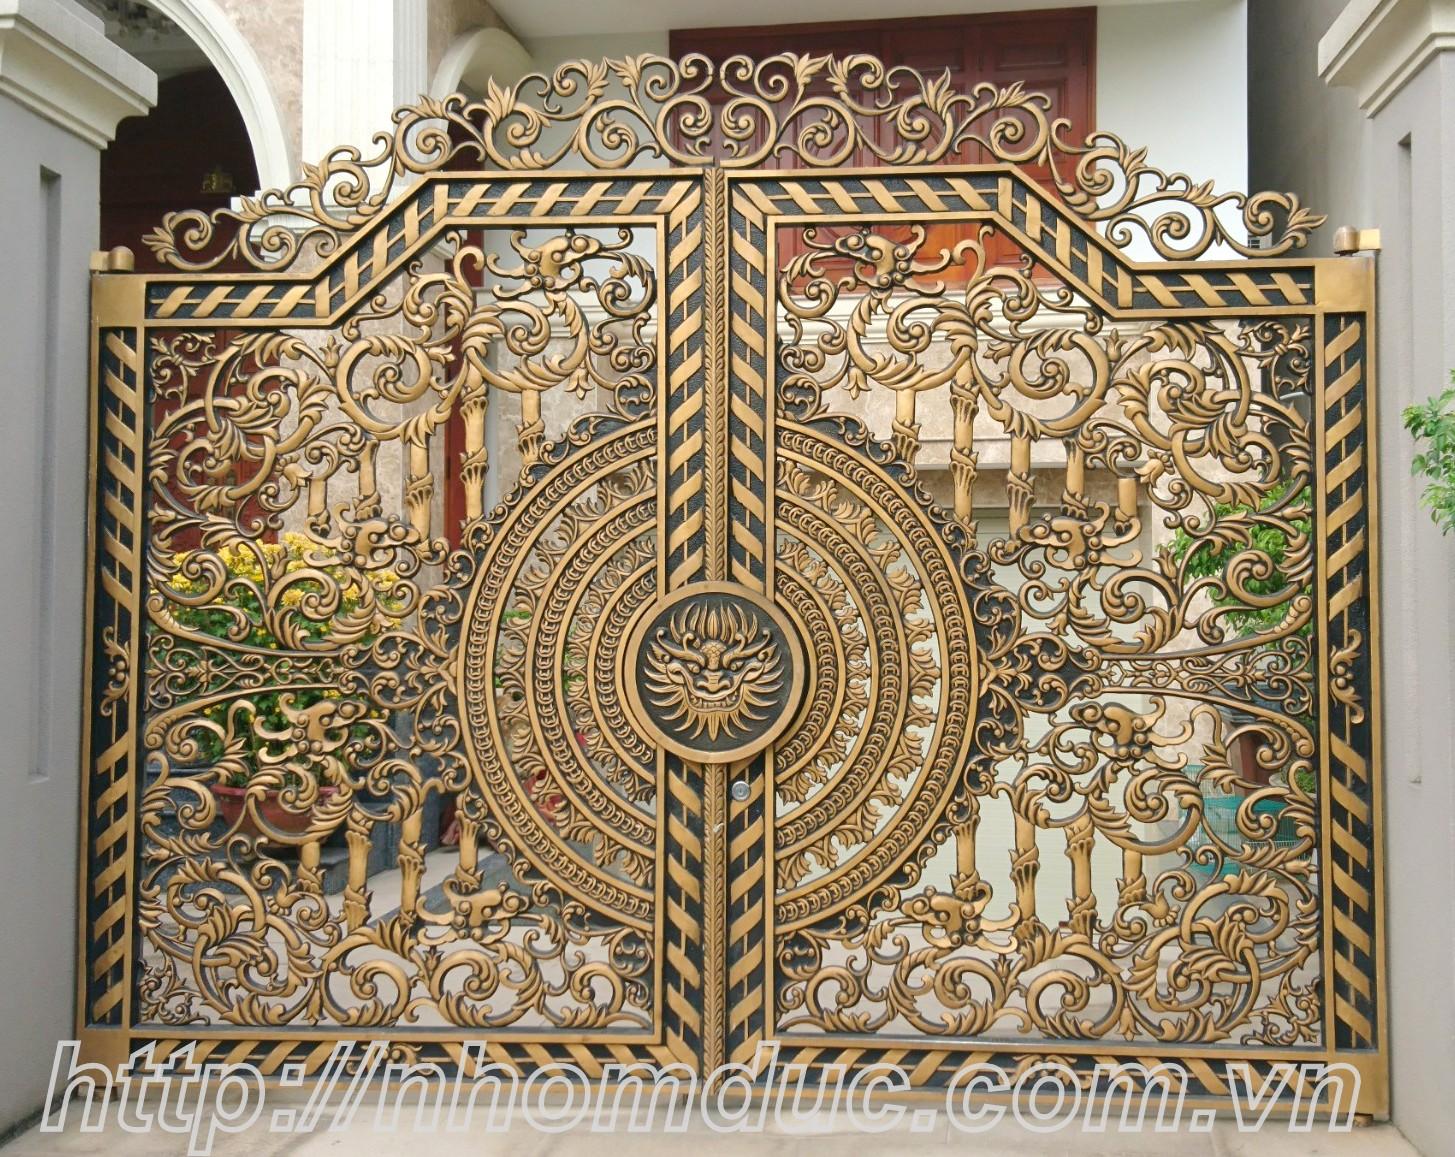 cửa cổng hợp kim nhôm đúc Bình Định, cửa cổng hợp kim nhôm đúc An Nhơn, cửa cổng hợp kim nhôm đúc Hoài Nhơn